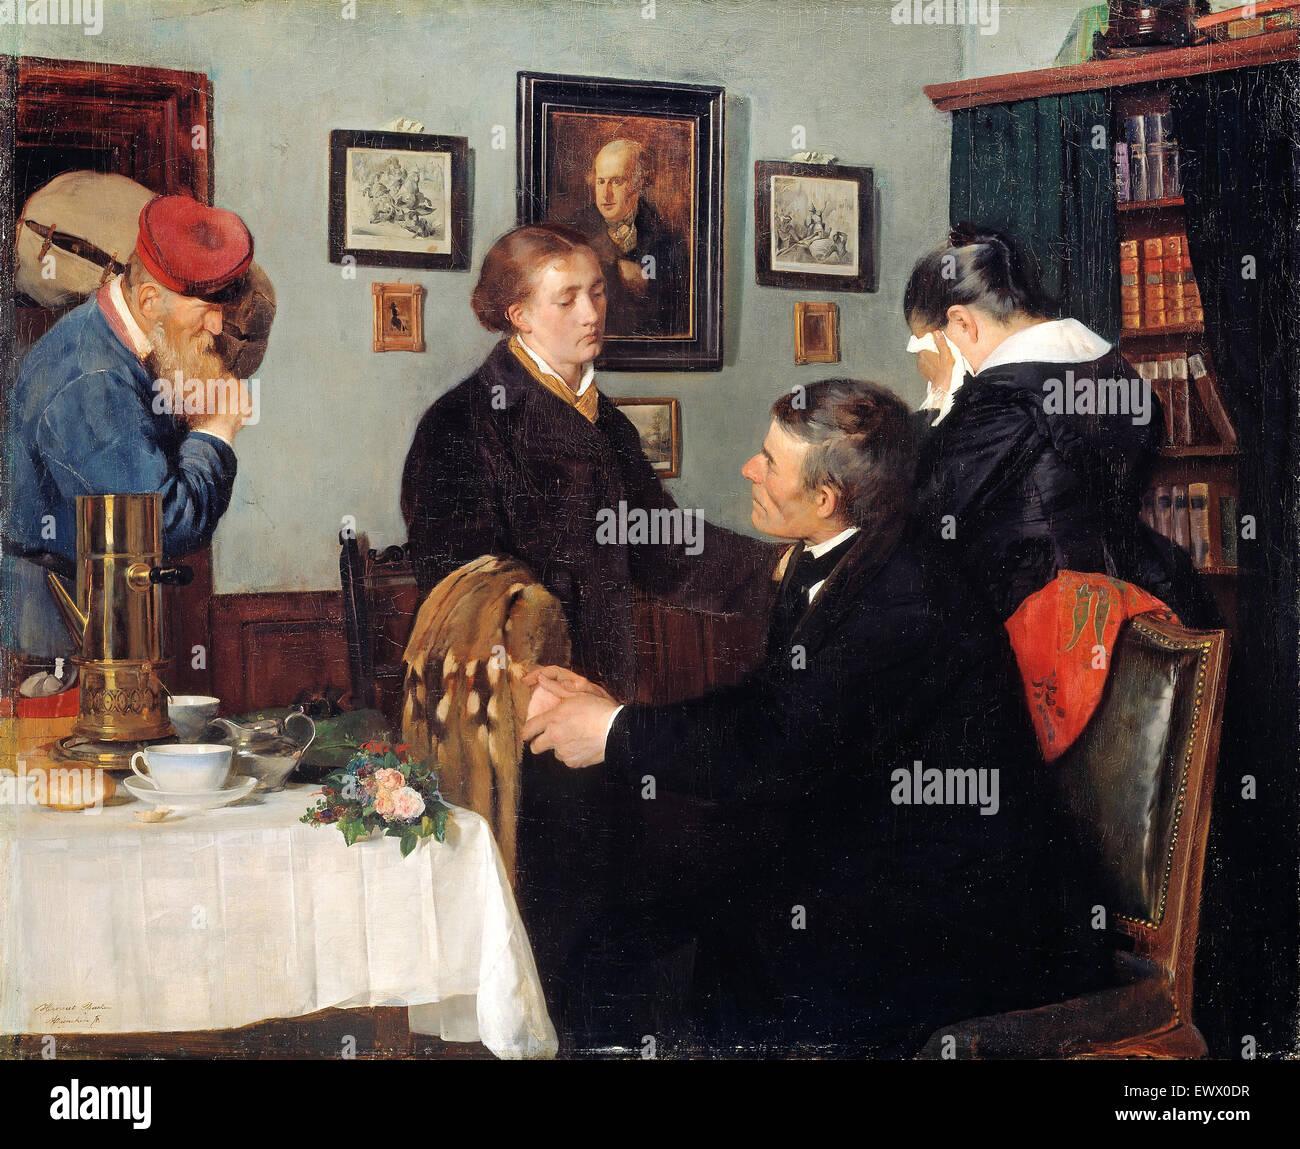 Harriet Backer, La despedida 1878 Óleo sobre lienzo. Galería Nacional, Oslo, Noruega. Imagen De Stock